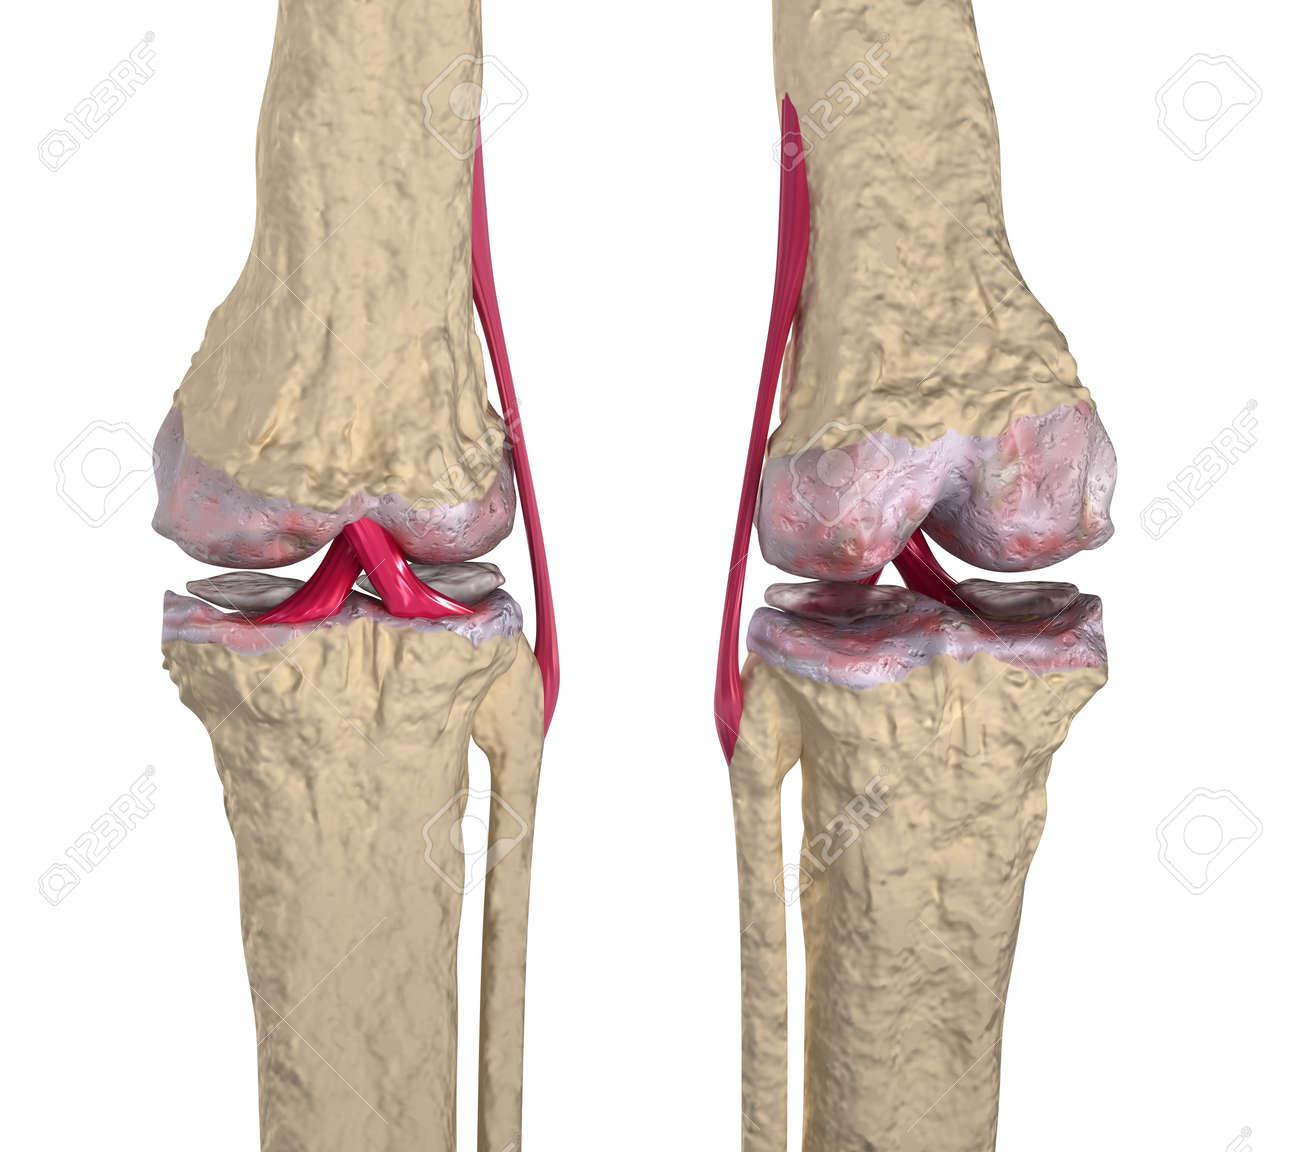 Arthrose: Kniegelenk Mit Bändern Und Knorpel Lizenzfreie Fotos ...